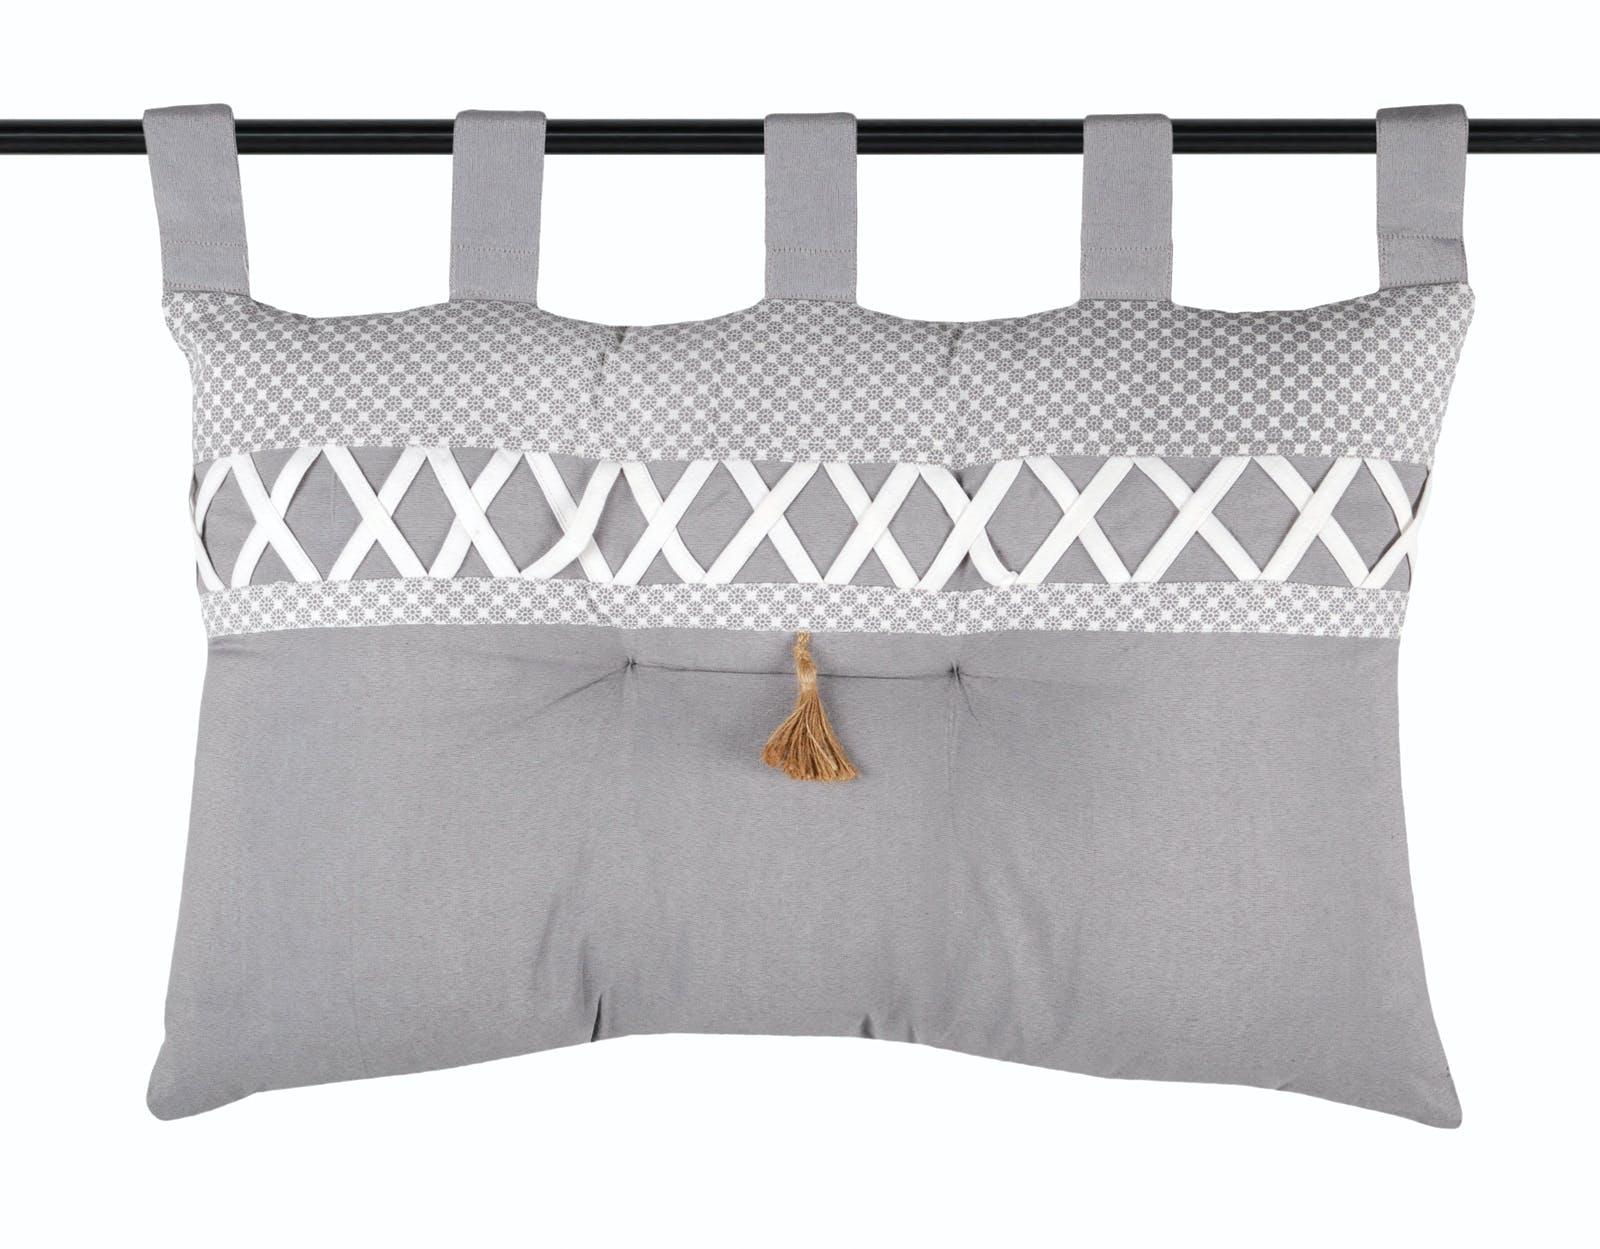 Tête de lit gris et blanc à motifs et bande croisillons blanc 45x70cm NELIA